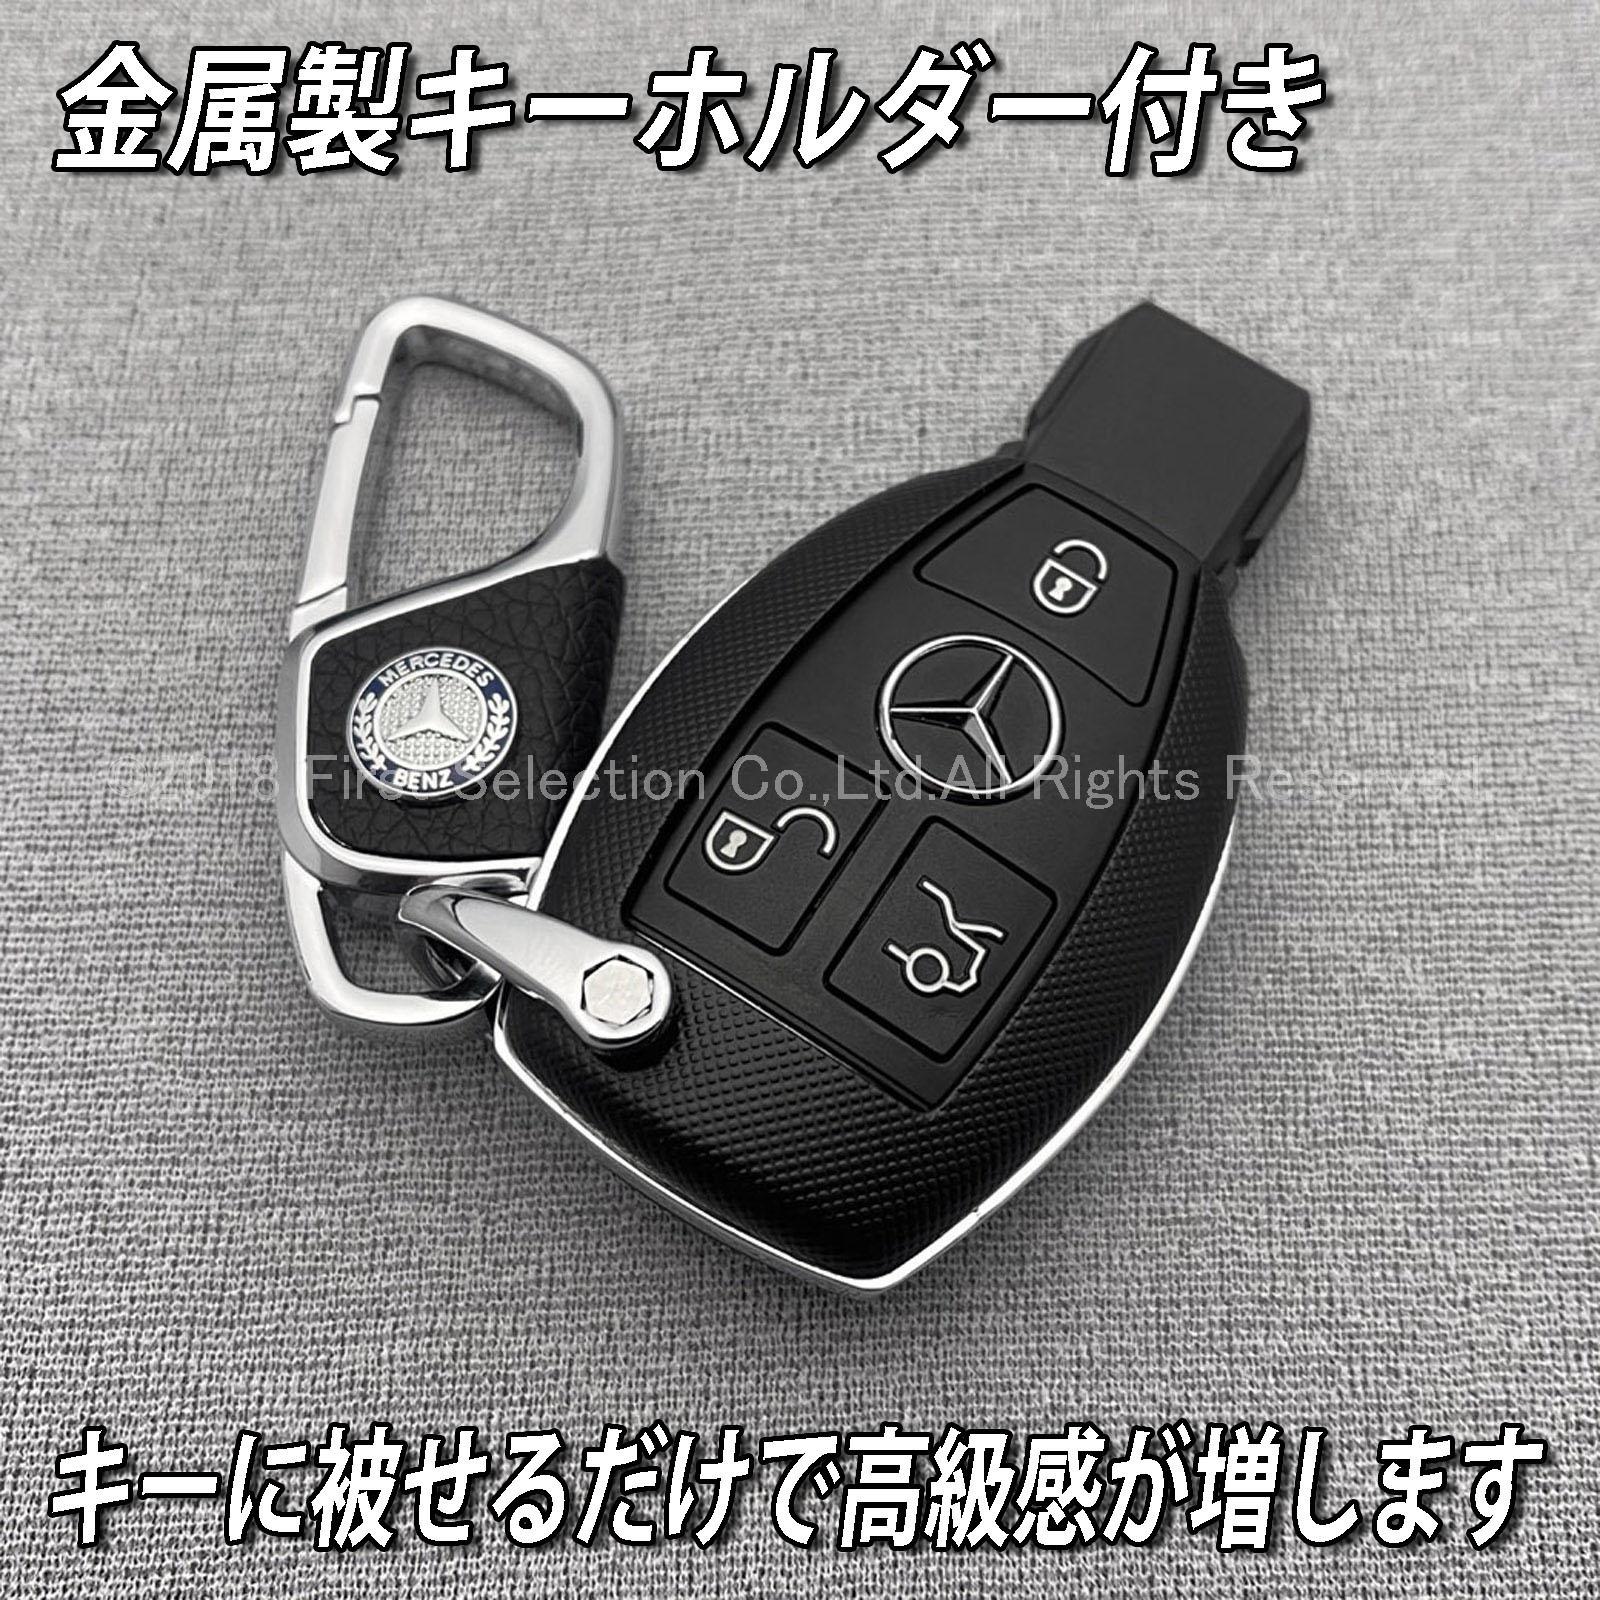 Mercedes-Benz ベンツ スマートキー用 高級キーケースセット 黒シボ W176 W246 W205 W212 W222 W447 C117 C218 X156 X253 W166 X166